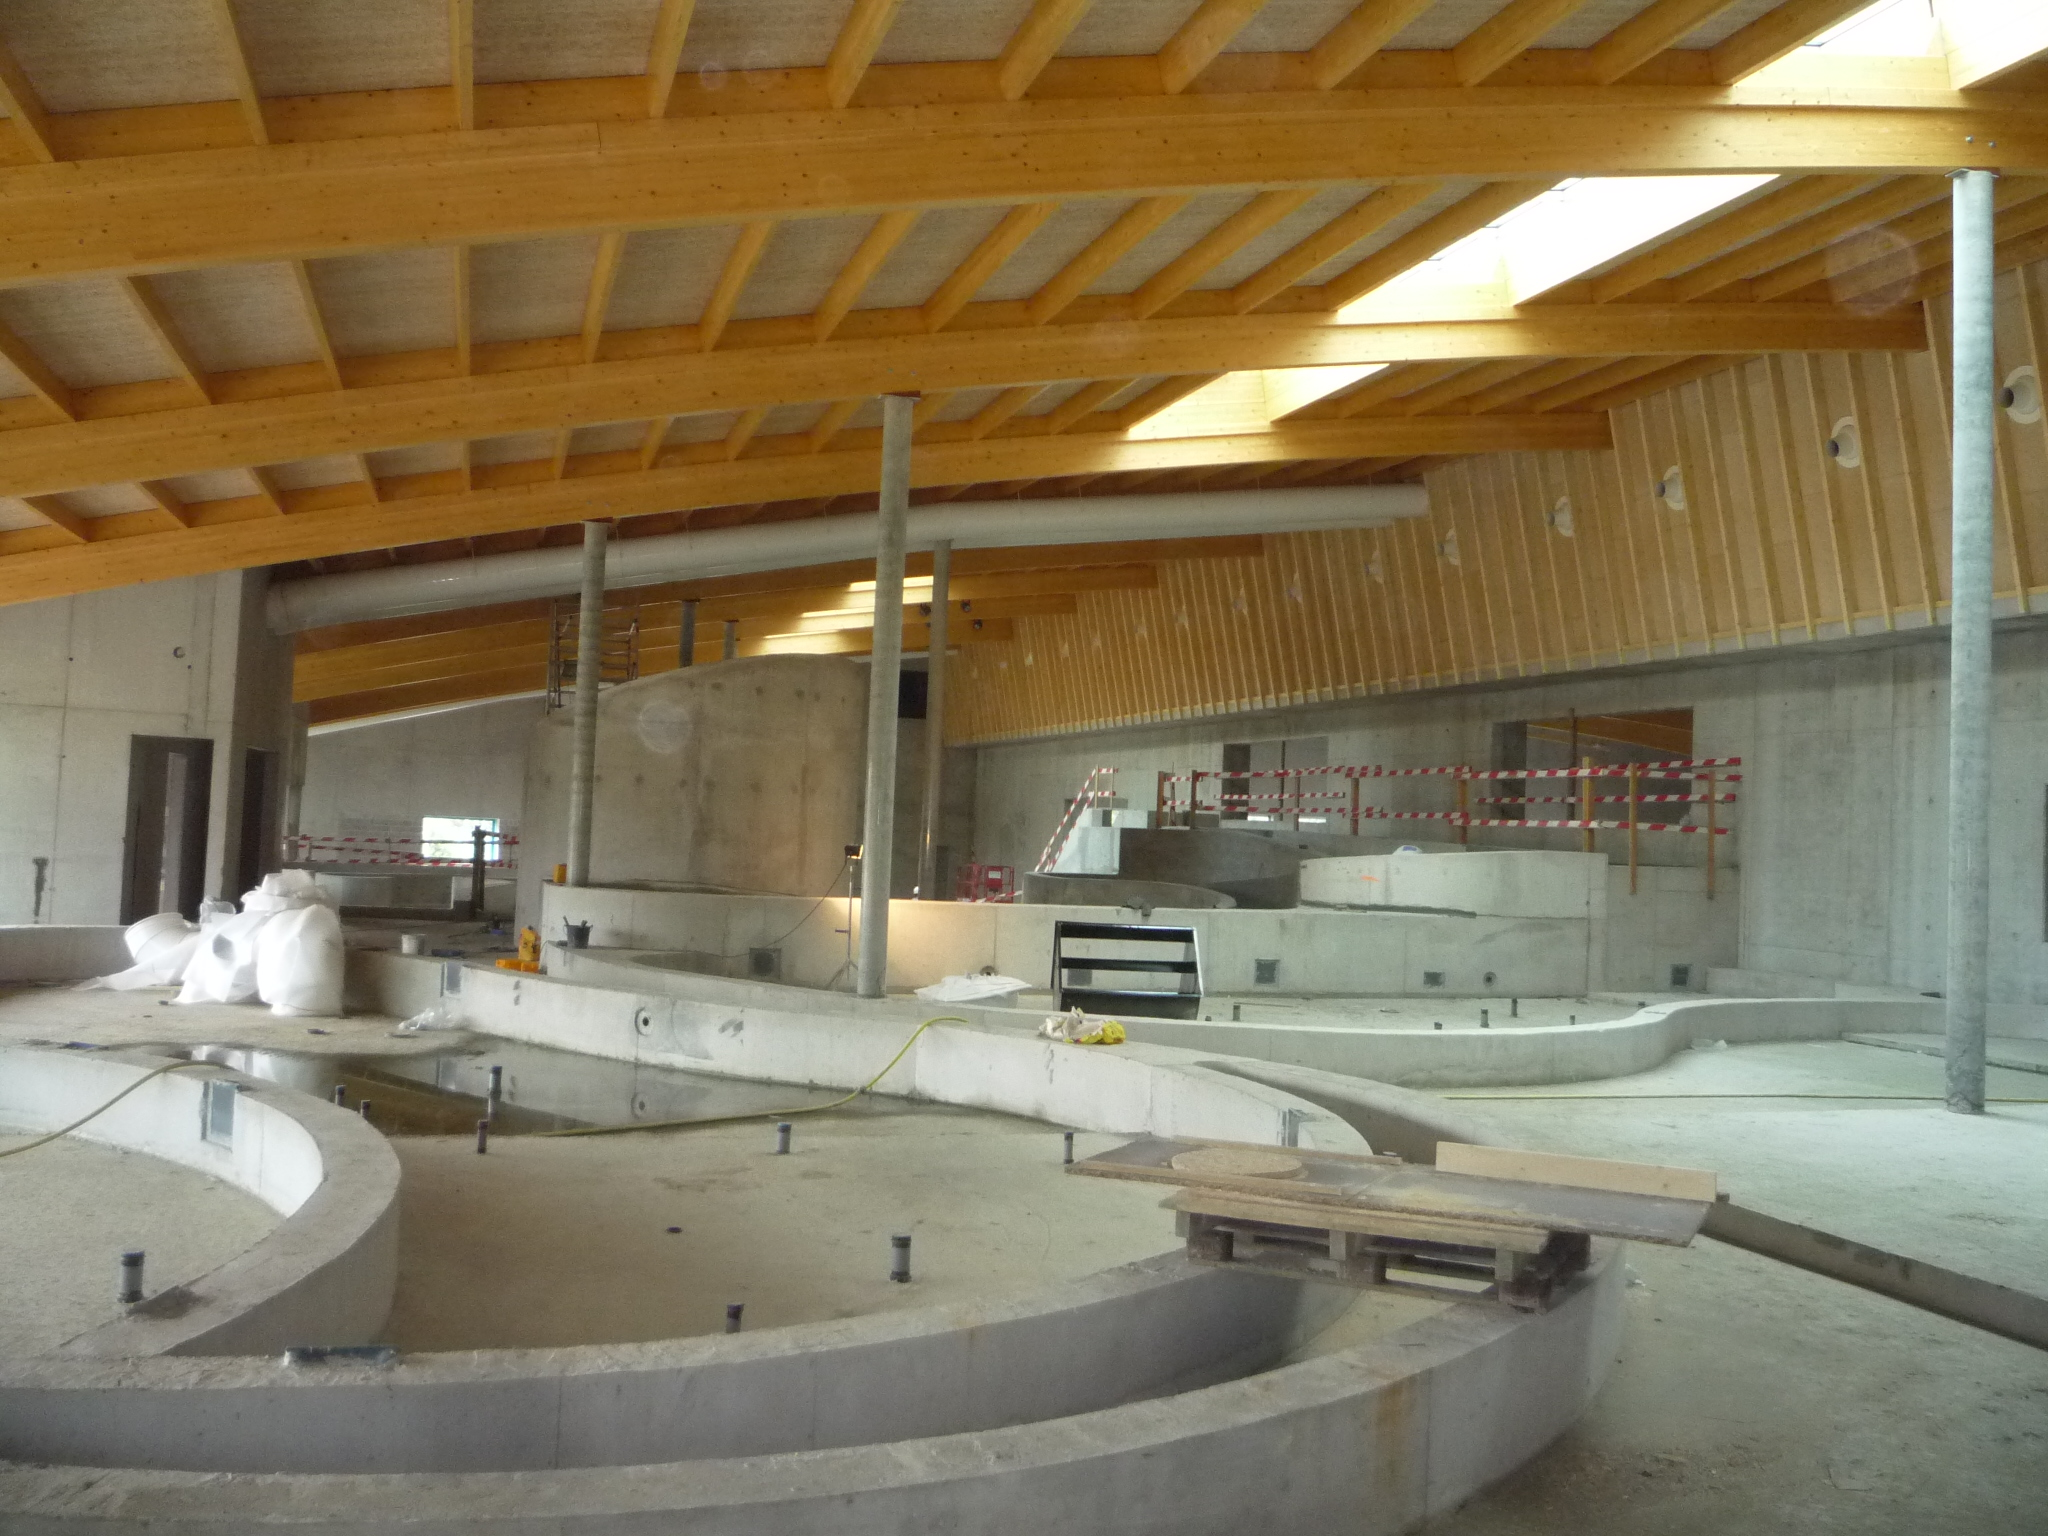 Nieuw olympiazwembad zal ook twee buitenbaden krijgen for Dhondt interieur brugge openingsuren